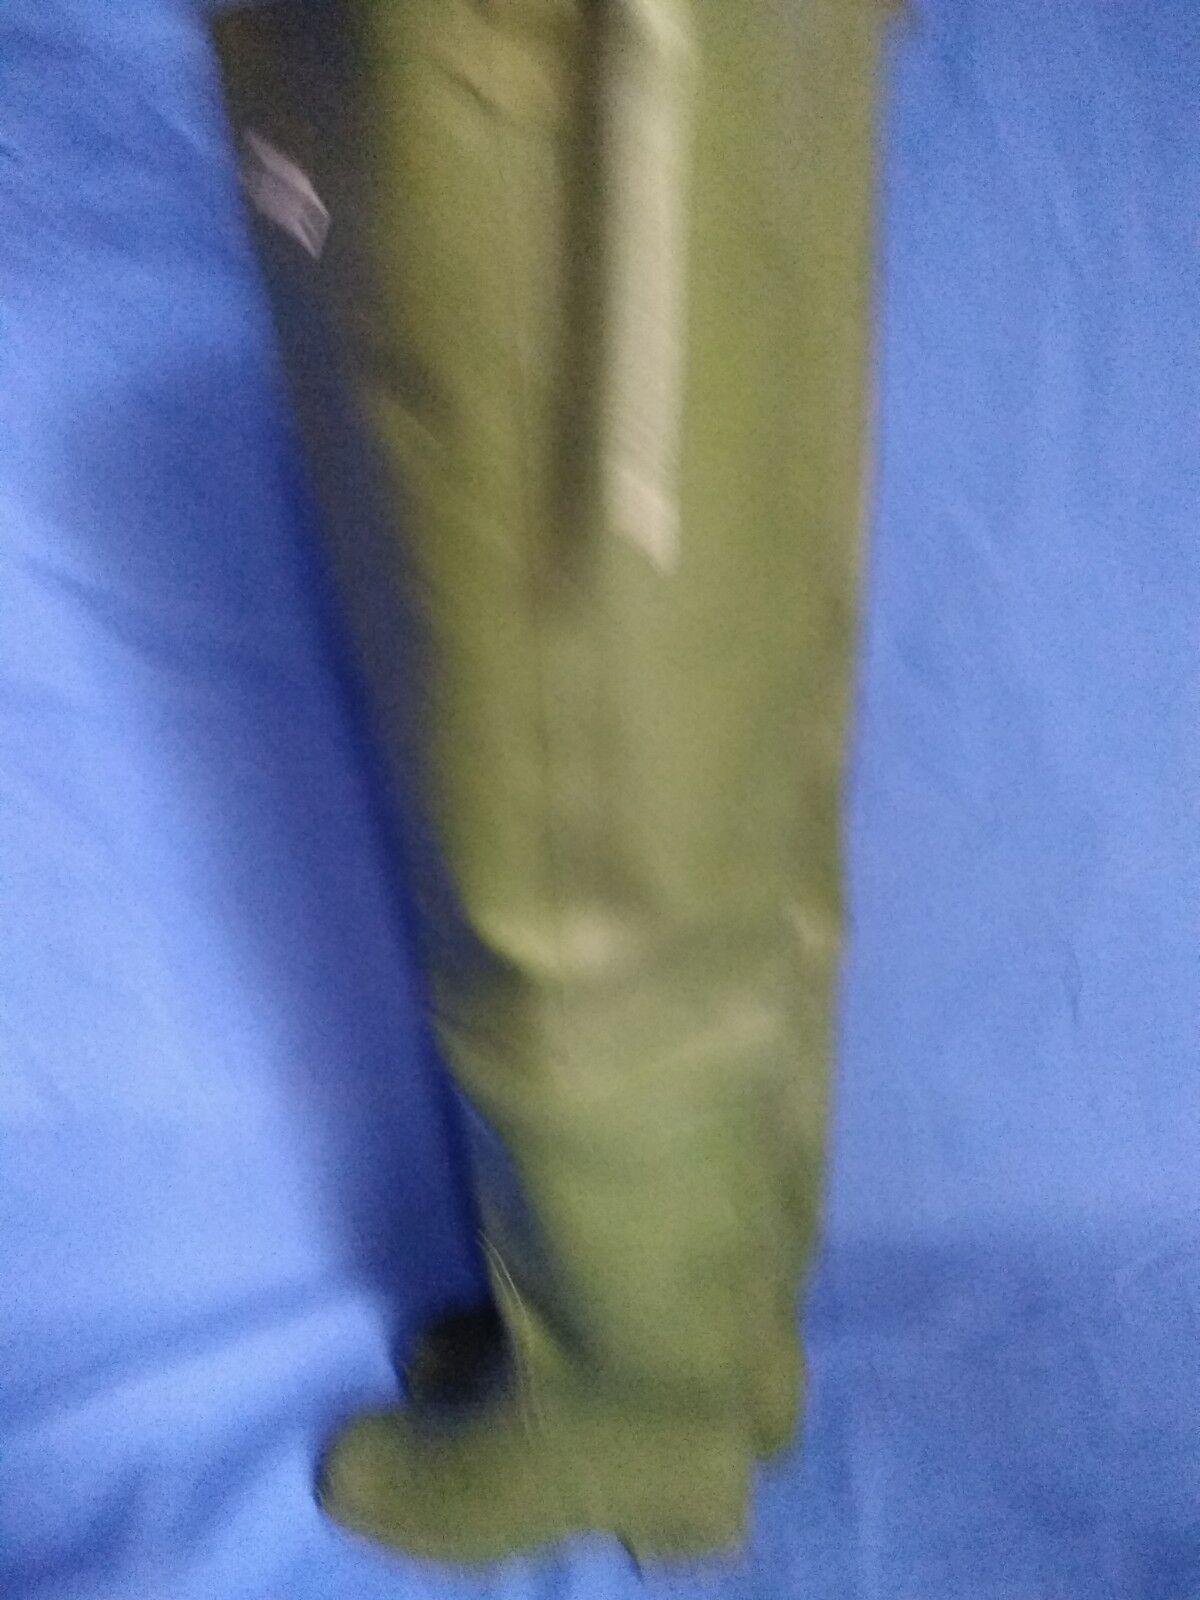 Rubber Stiefel pesca botas de pesca Stiefel caza trabajo de caucho natural color verde talla,43_ 59168c